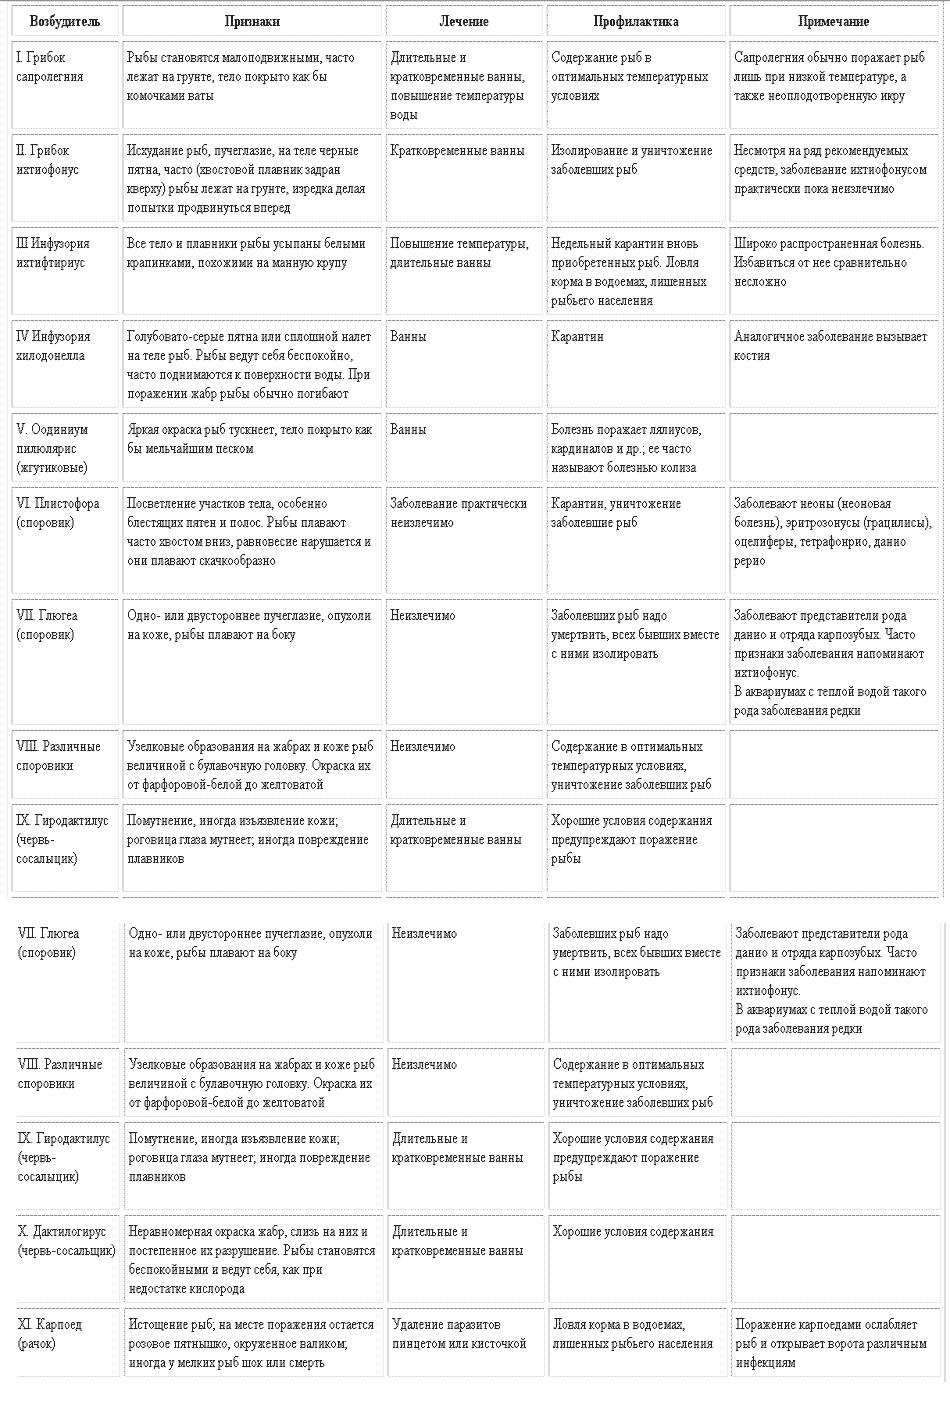 Таблица паразитных заболеваний и лечения рыбок